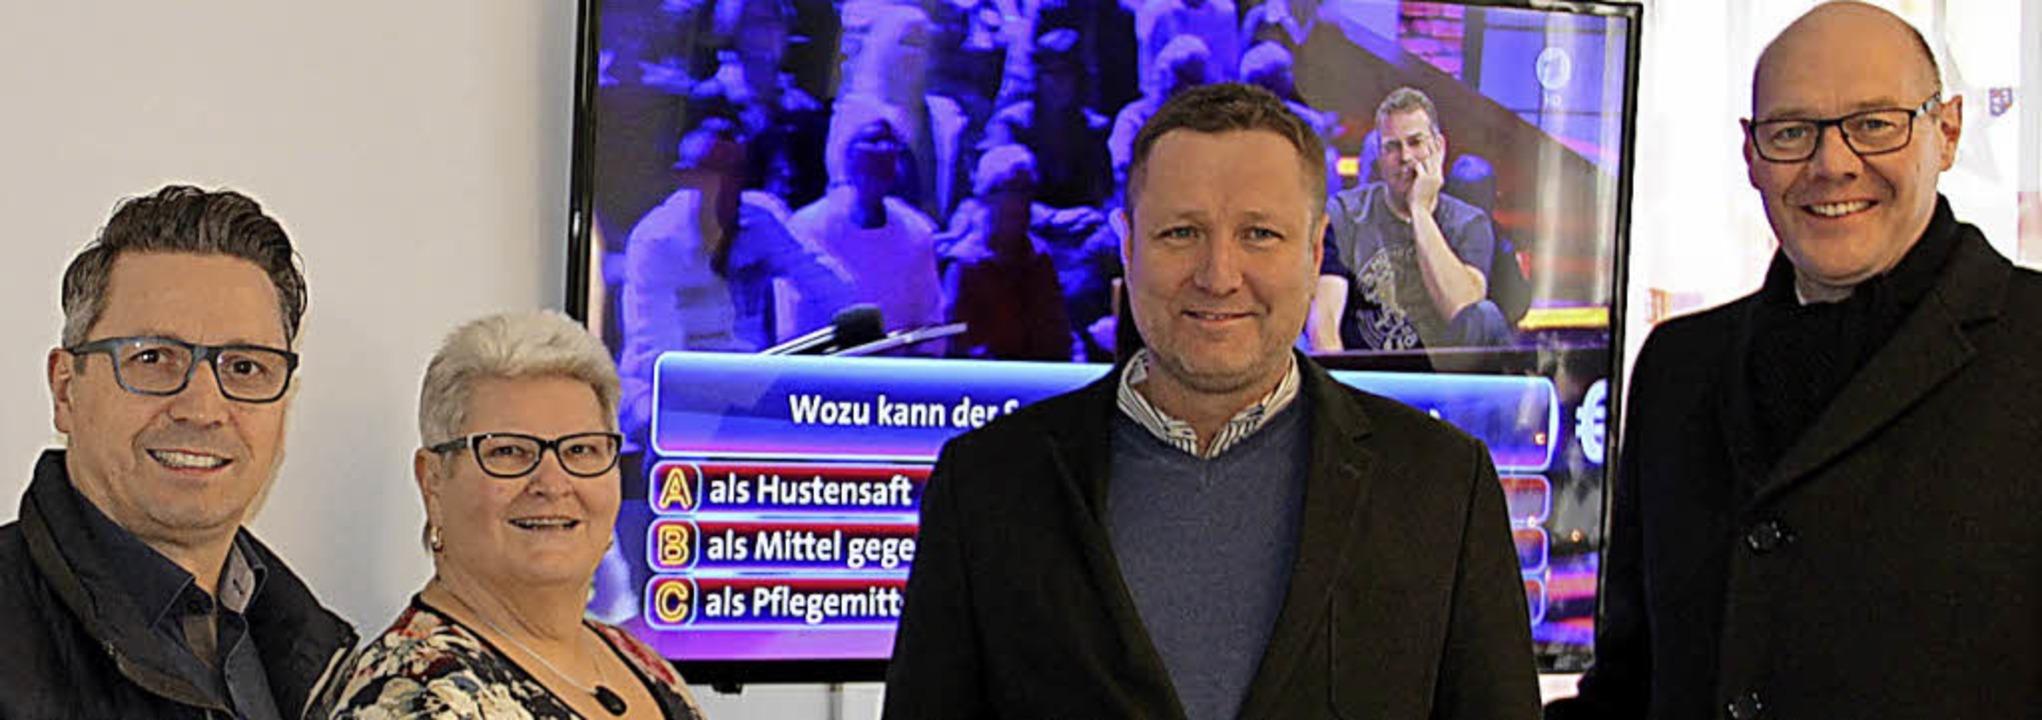 <BZ-FotoAnlauf>Bürgerstiftung:</BZ-Fot...mit dem neuen Fernsehgerät (von links)    Foto: Privat